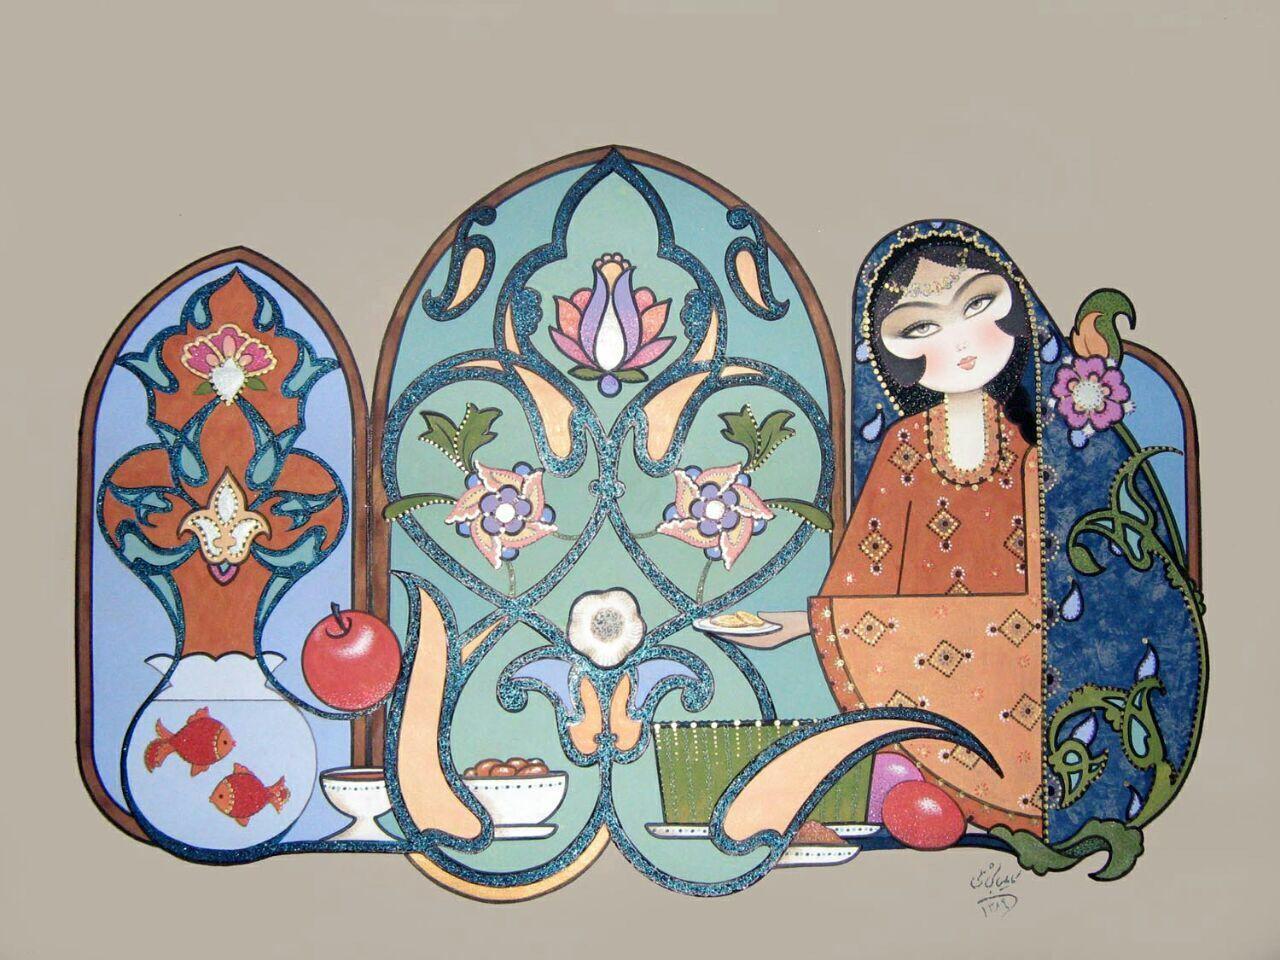 نقاشی پرنسس های دخترانه